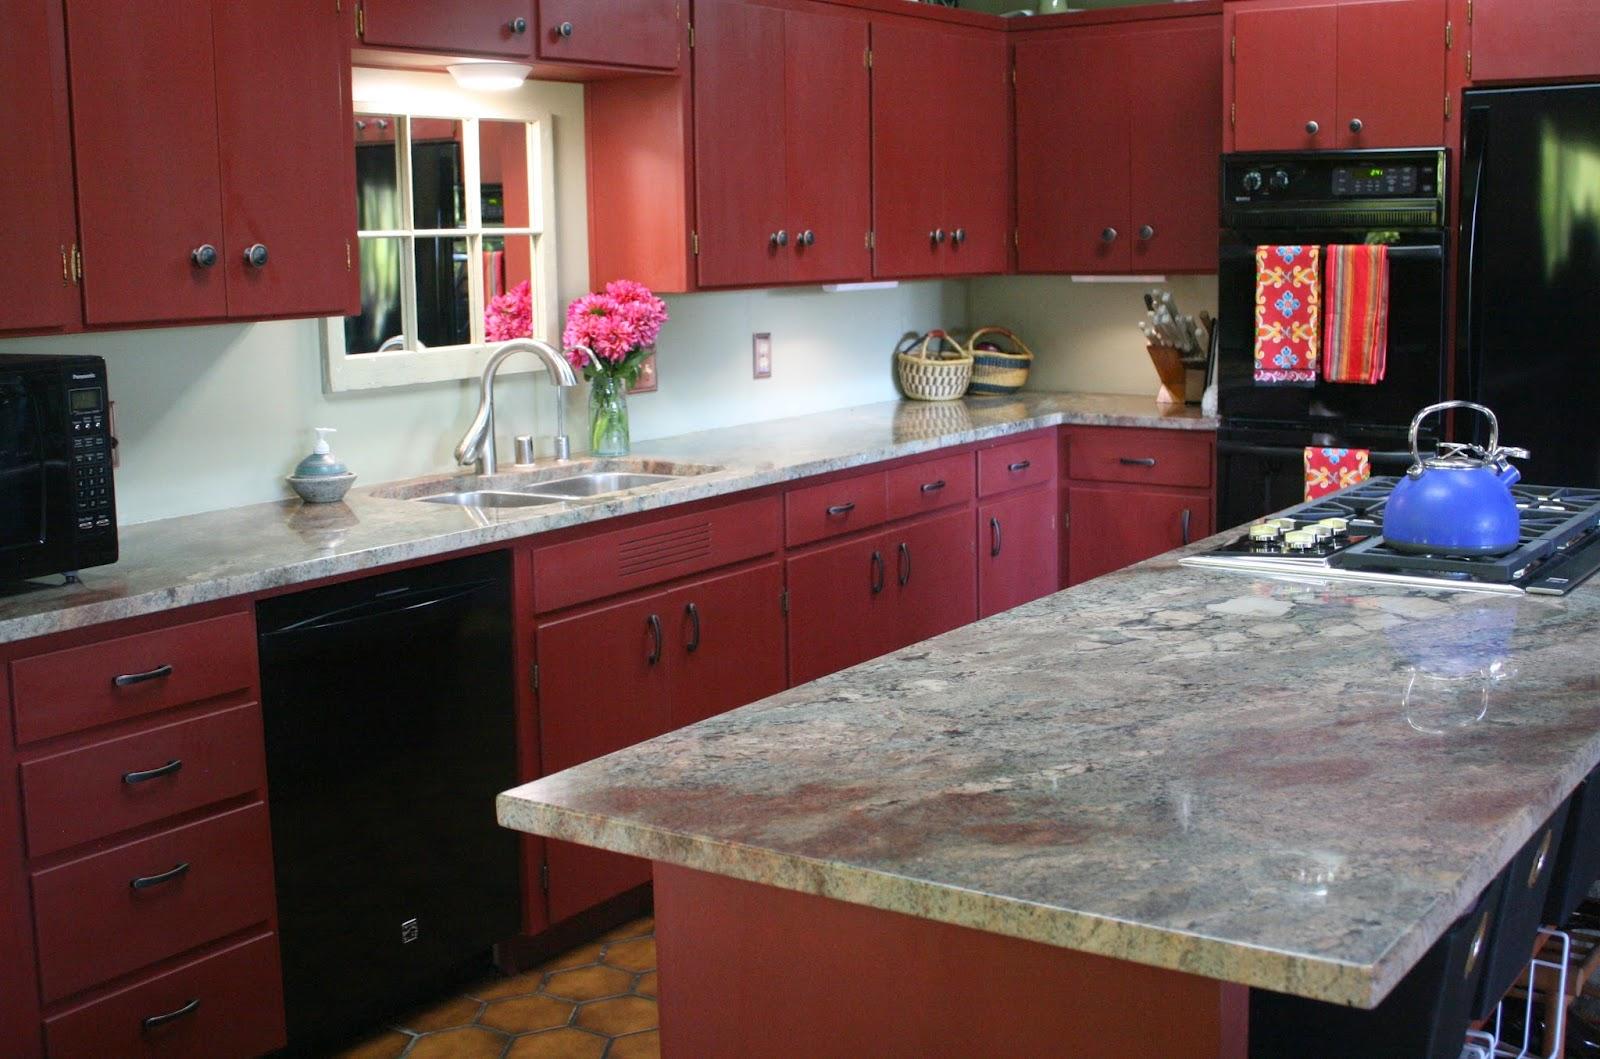 armoires-de-cuisine-rouge-haut